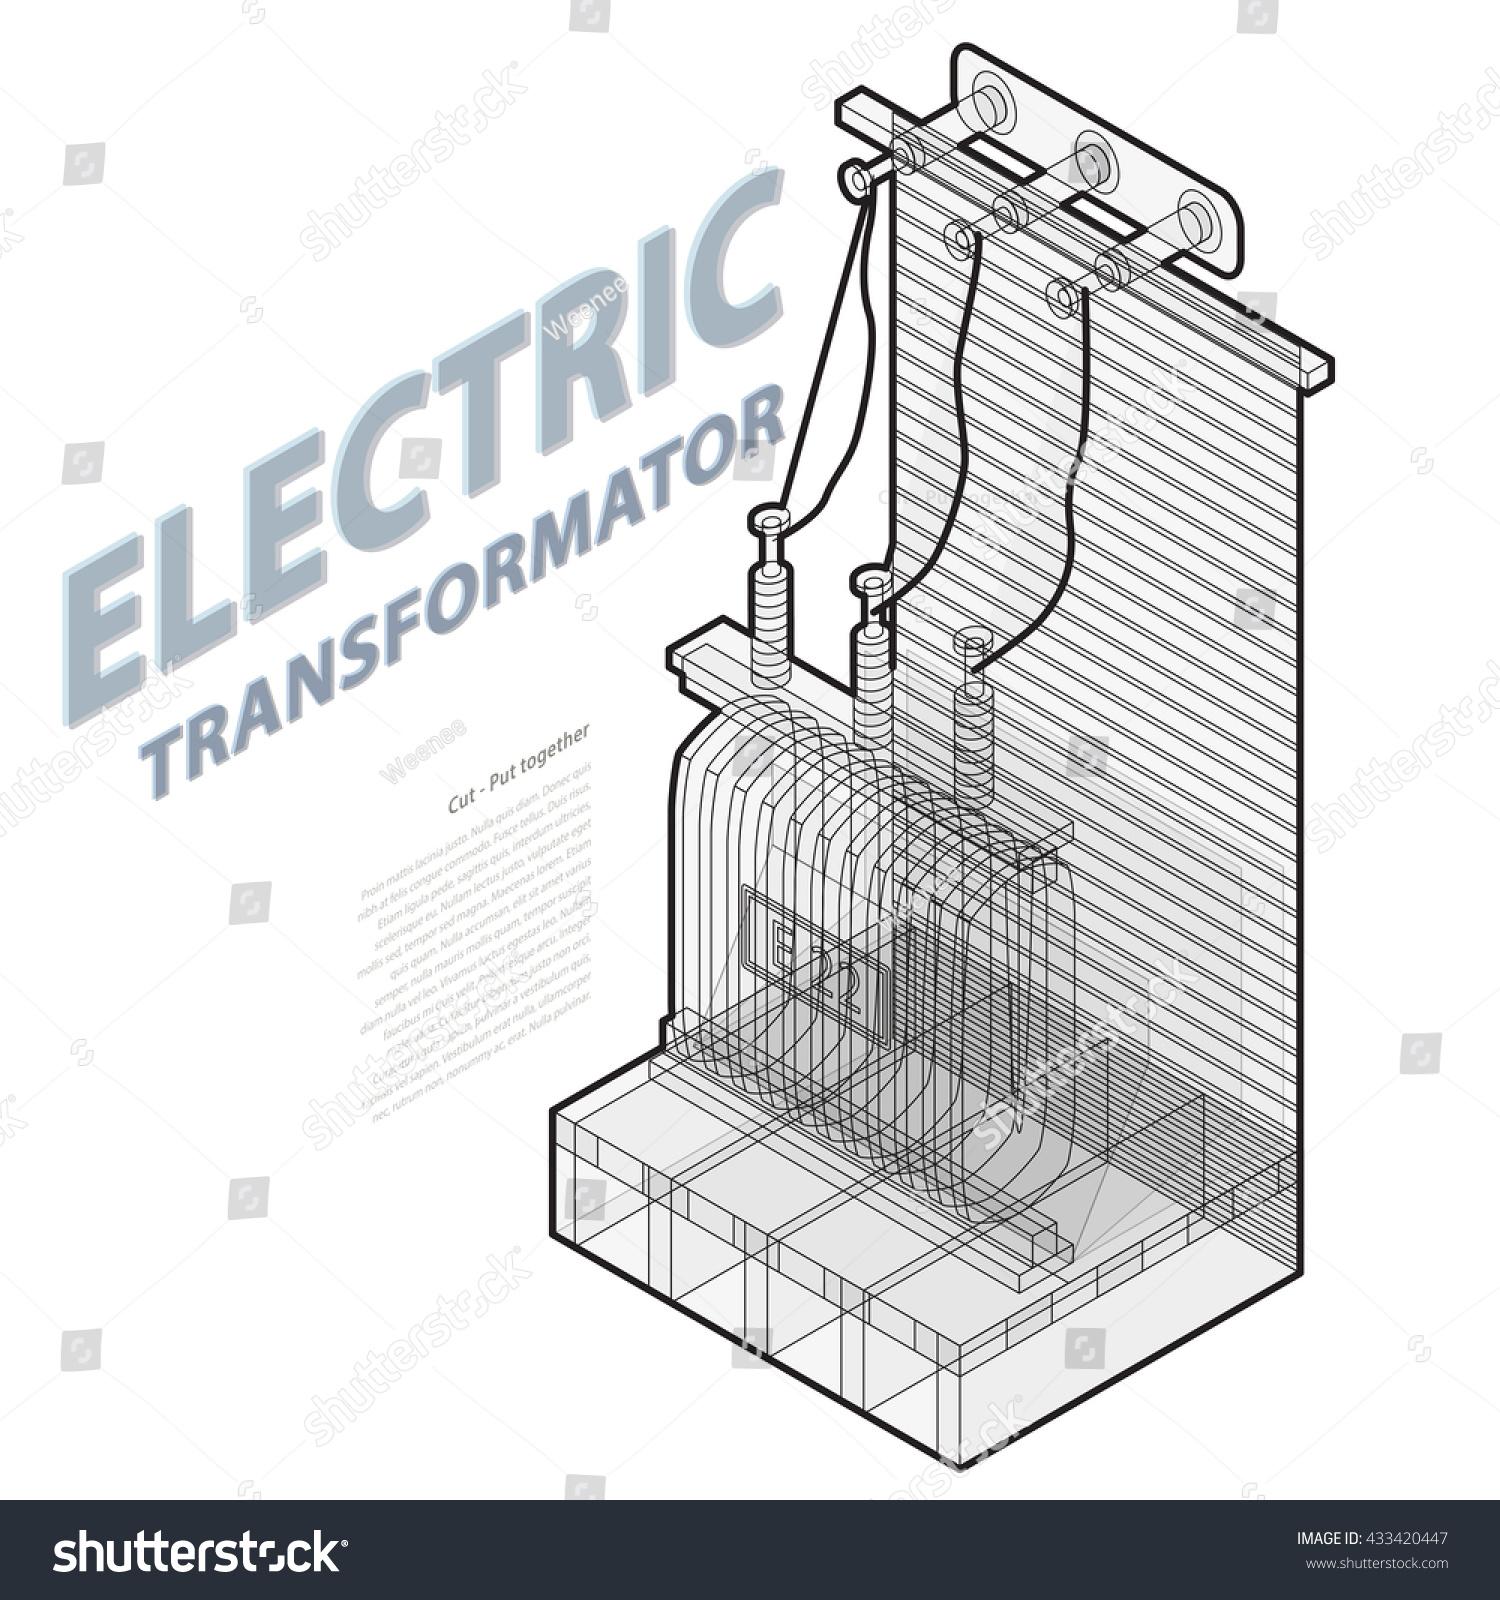 Großartig Einphasen Transformator Schaltplan Ideen ...